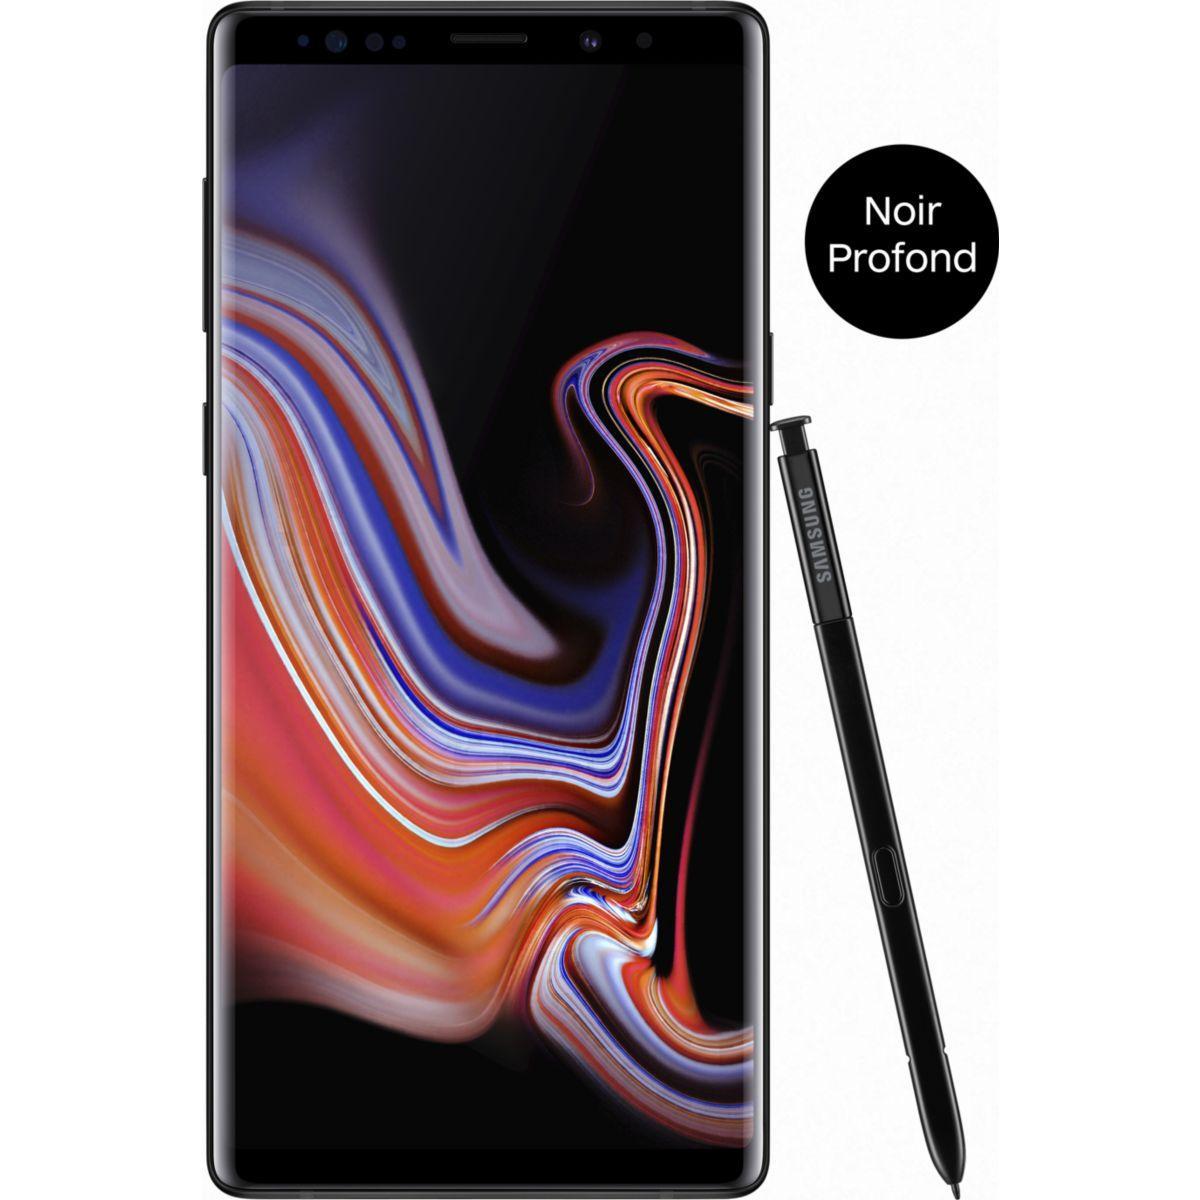 Smartphone samsung galaxy note 9 noir 512go - 2% de remise imm�diate avec le code : deal2